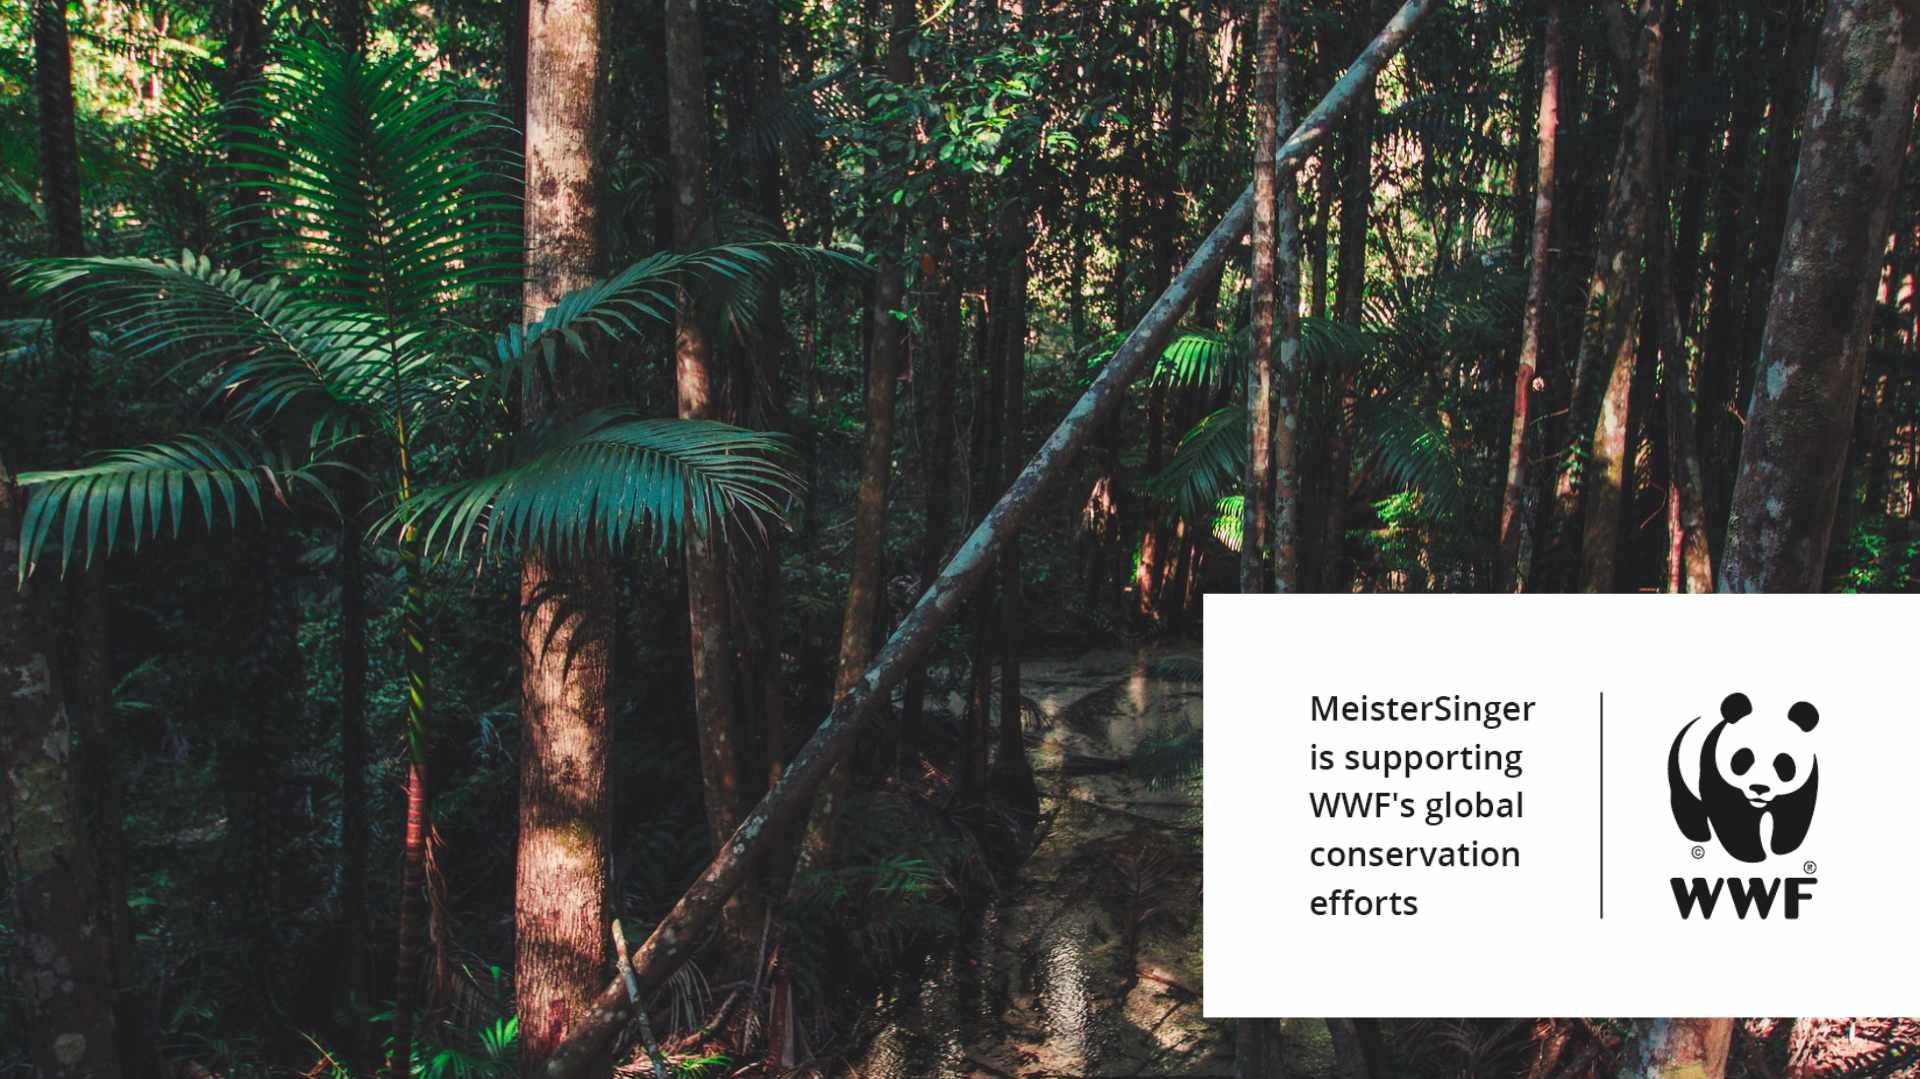 MeisterSinger WWF Forest